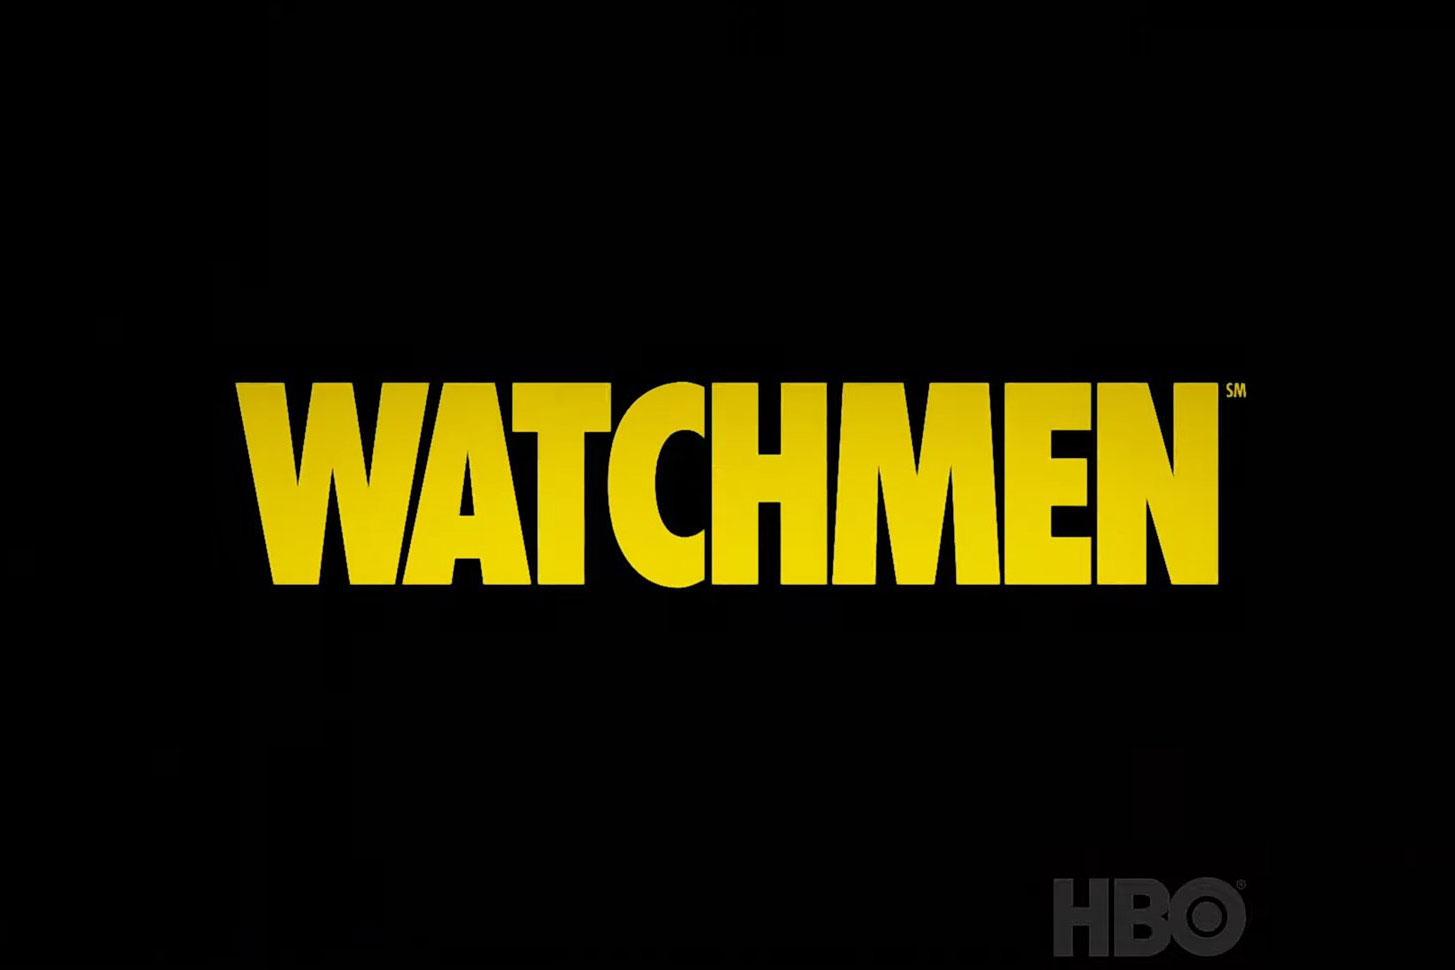 ドラマ『ウォッチメン』のティザー動画が公開!チクタクと唱える謎の集団の正体は?